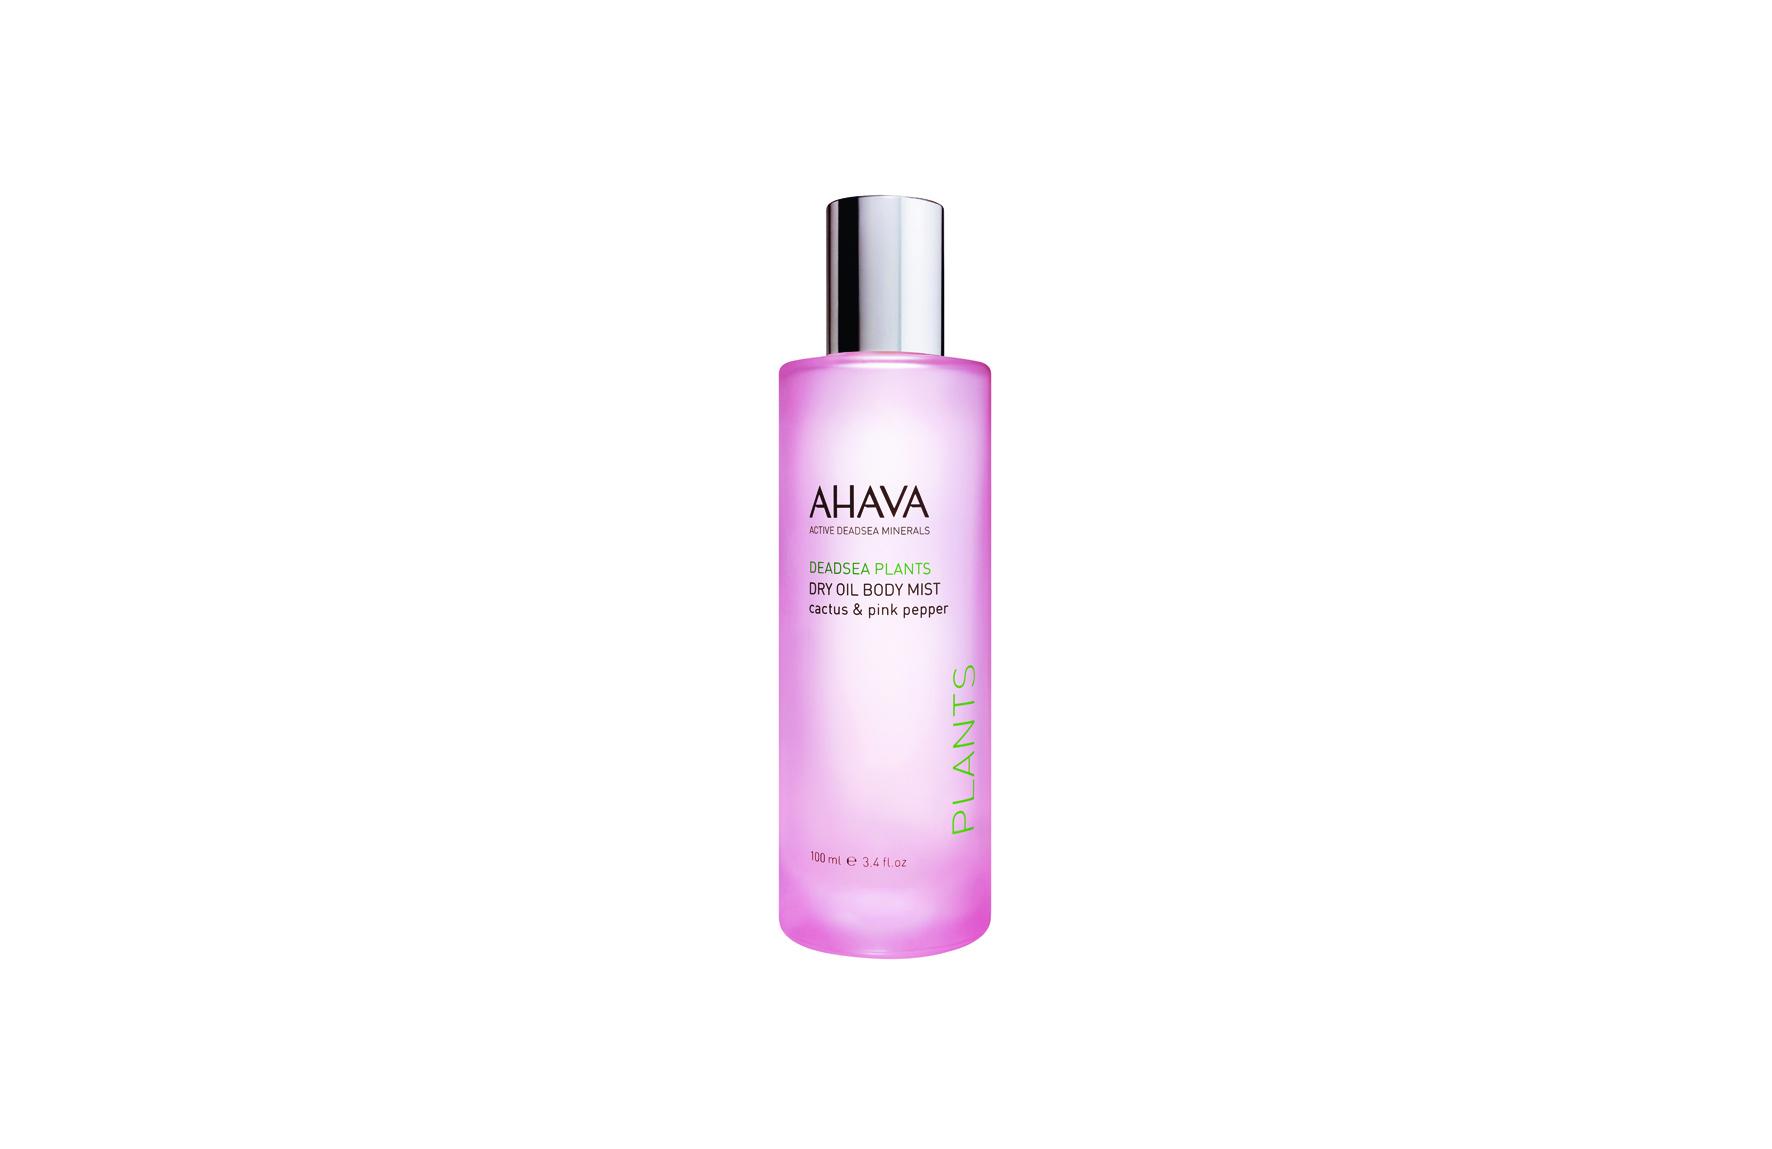 AHAVA Aceite en Seco de Cactus y Pimienta Rosa